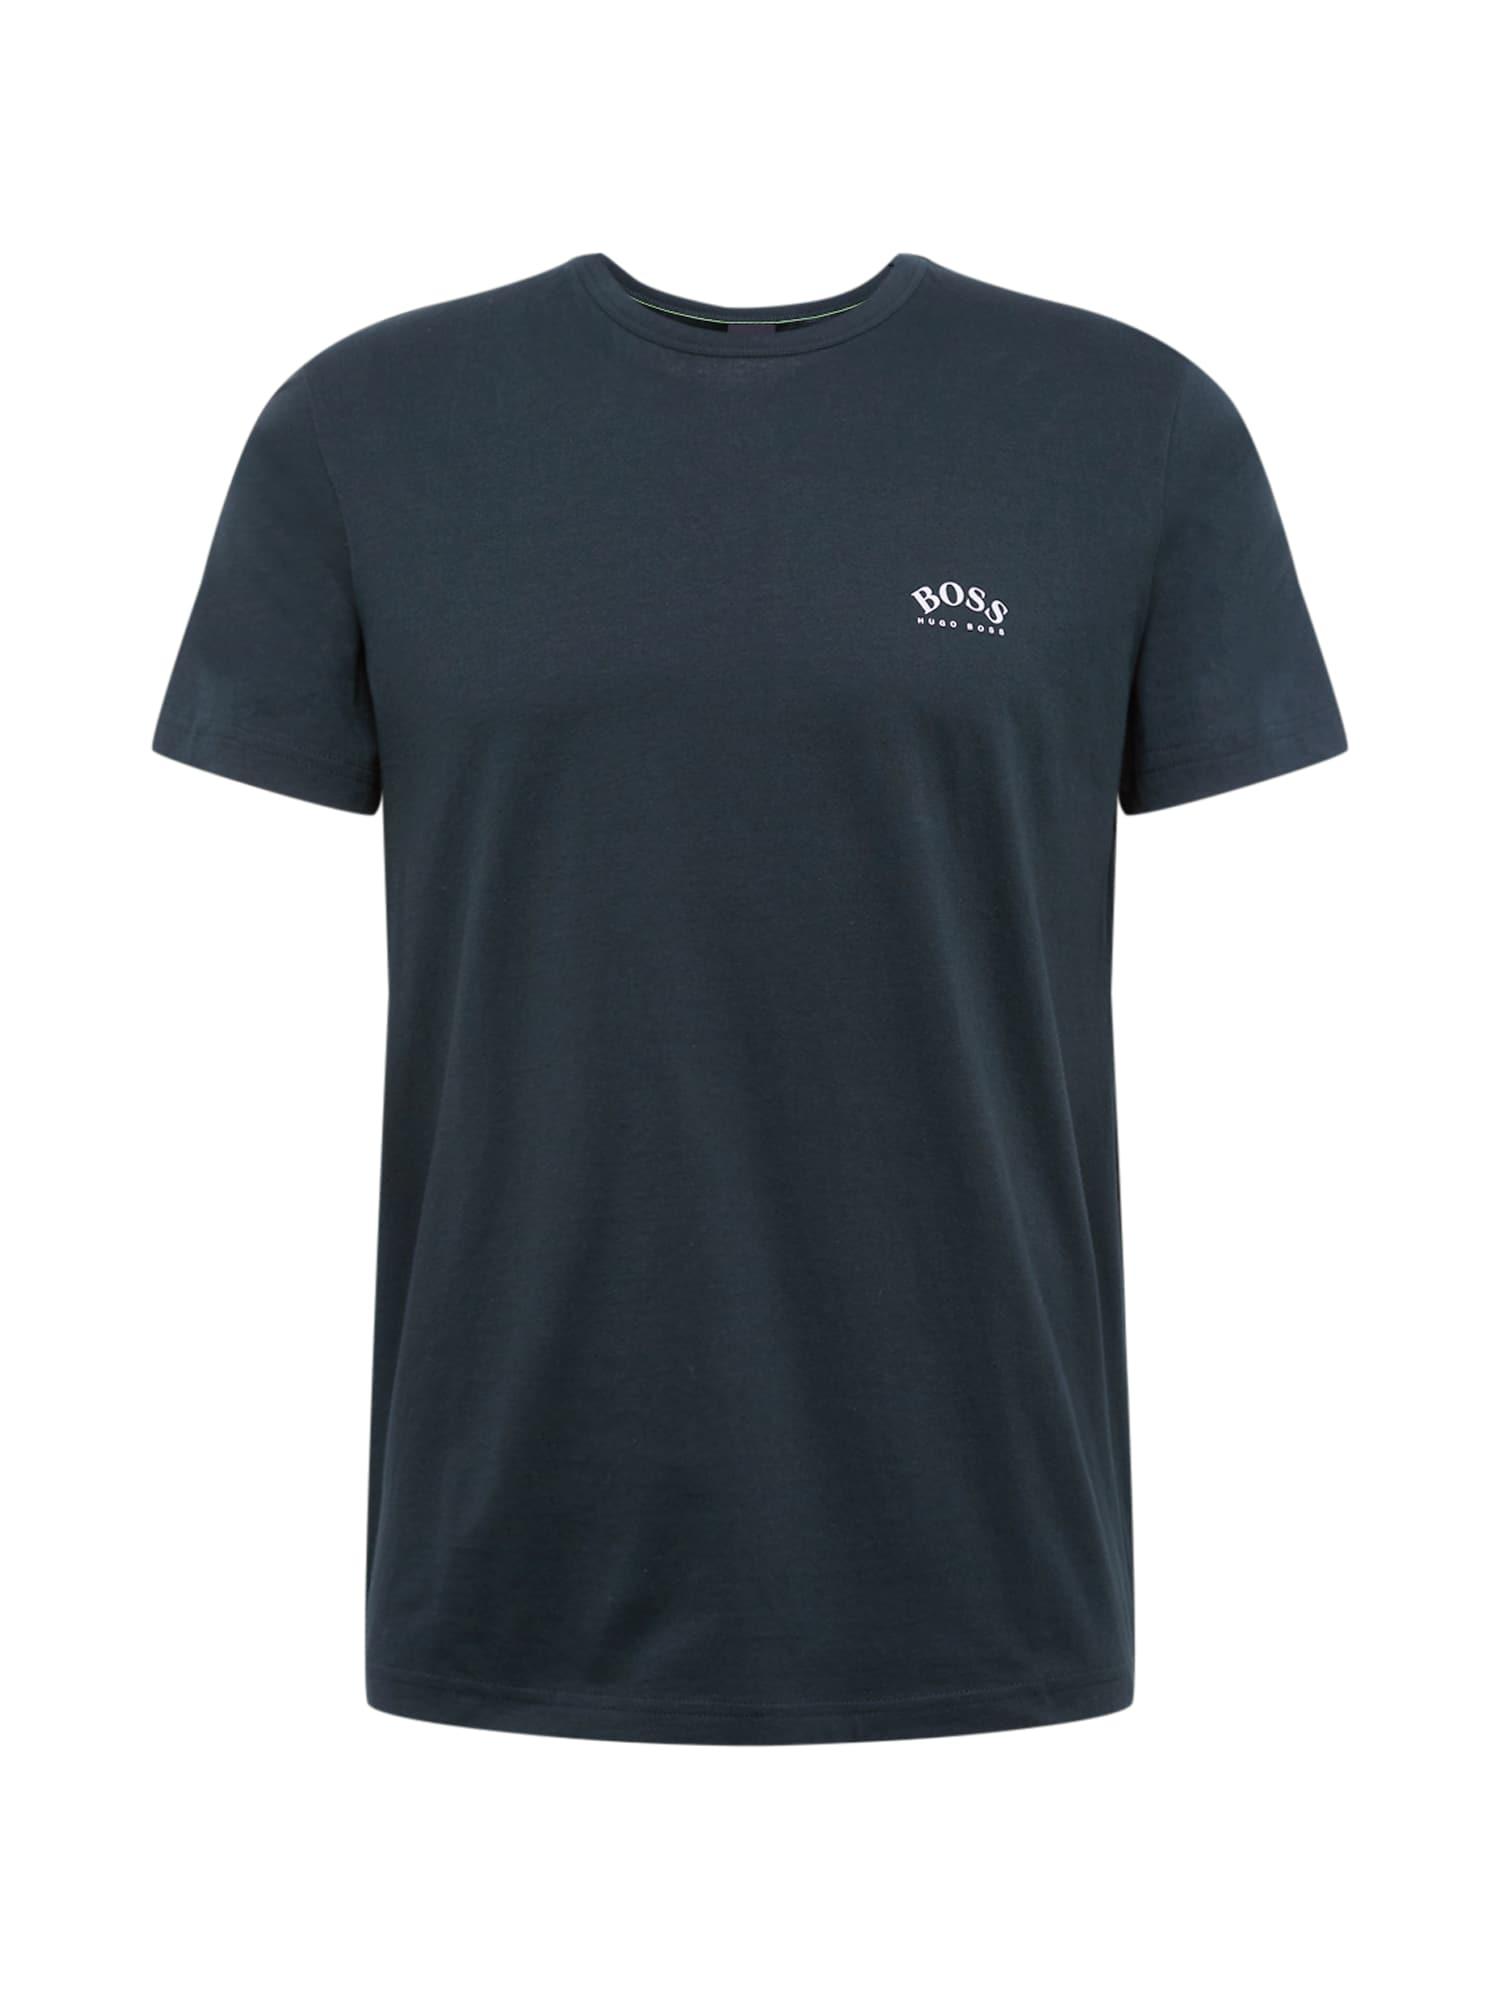 BOSS ATHLEISURE Marškinėliai įdegio spalva